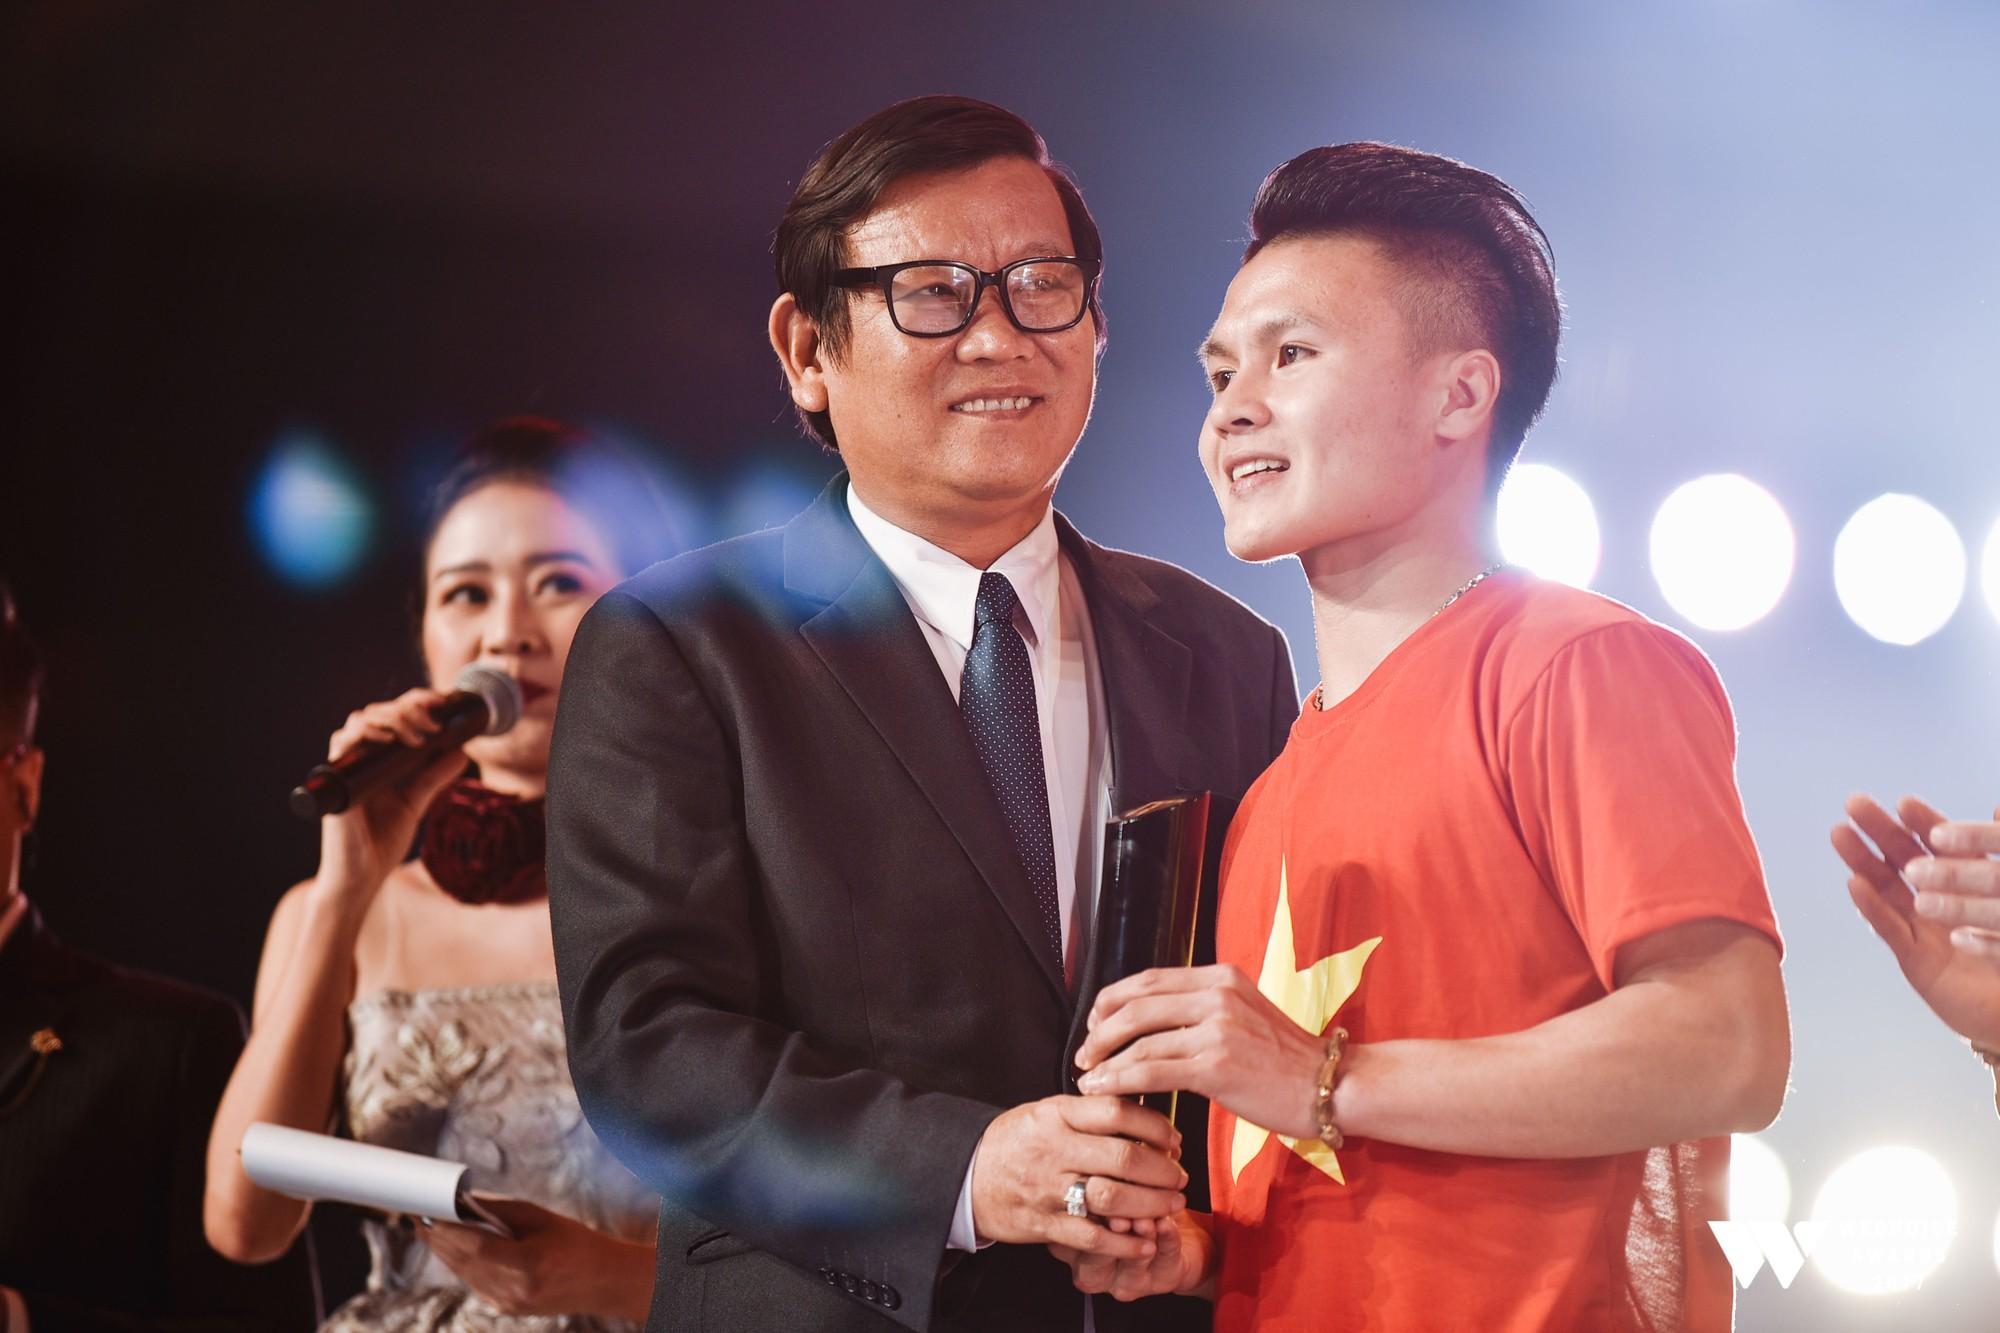 Gala WeChoice Awards 2017 và loạt khoảnh khắc chạm đến trái tim khi những niềm cảm hứng được tôn vinh! - Ảnh 6.